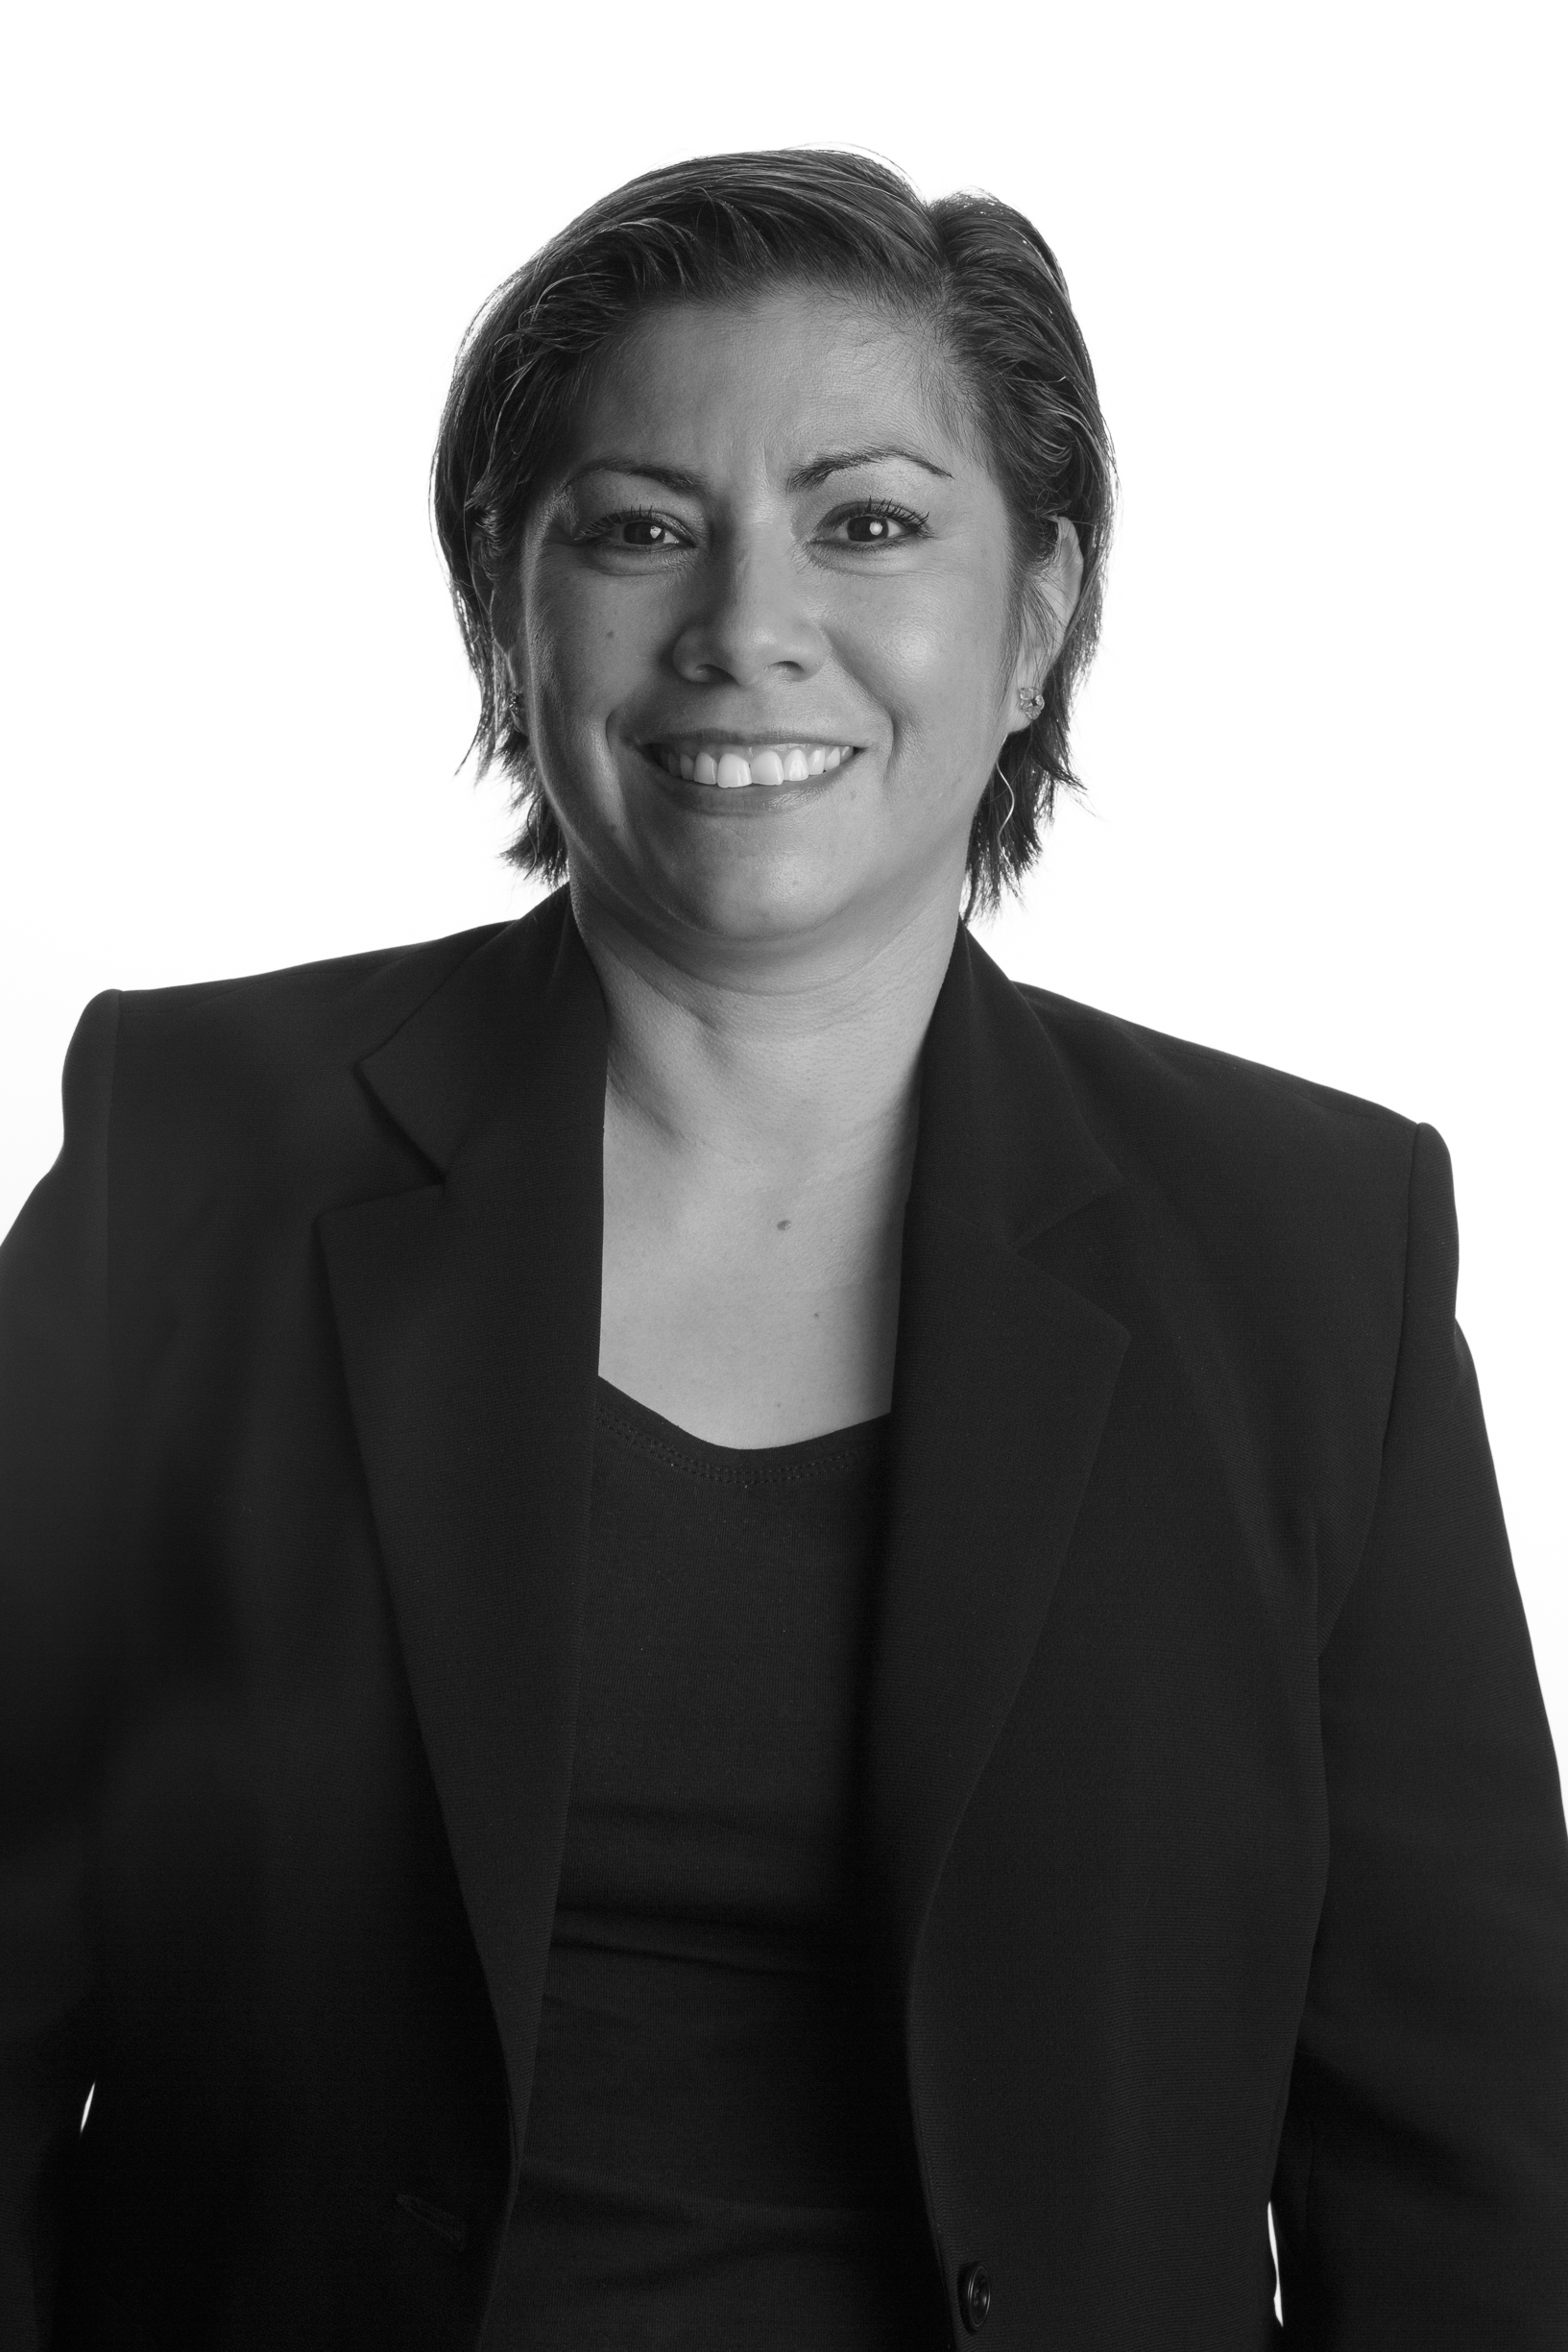 Sandy Chapa